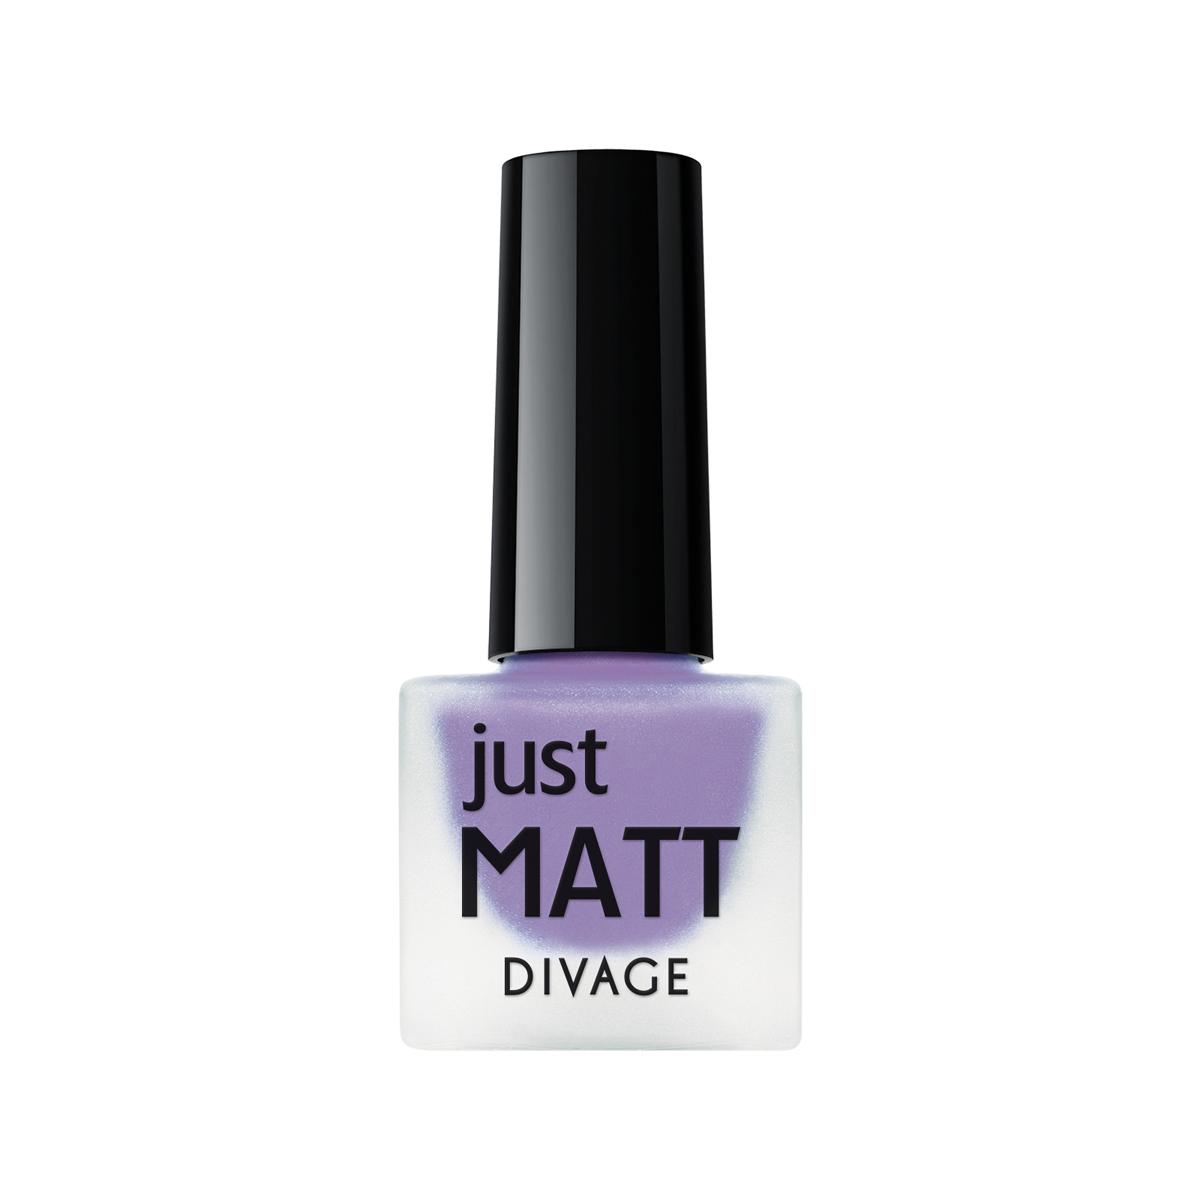 DIVAGE Лак для ногтей JUST MATT, тон № 5616, 7 мл216Лак для ногтей Divage Just Matt с матовым эффектом имеет легкую бархатистую текстуру (Soft Touch) и удобный мини формат упаковки. Наносится идеально ровно, визуально сглаживая неровности ногтевой пластины. Характеристики: Объем: 7 мл. Тон: №5616. Товар сертифицирован.